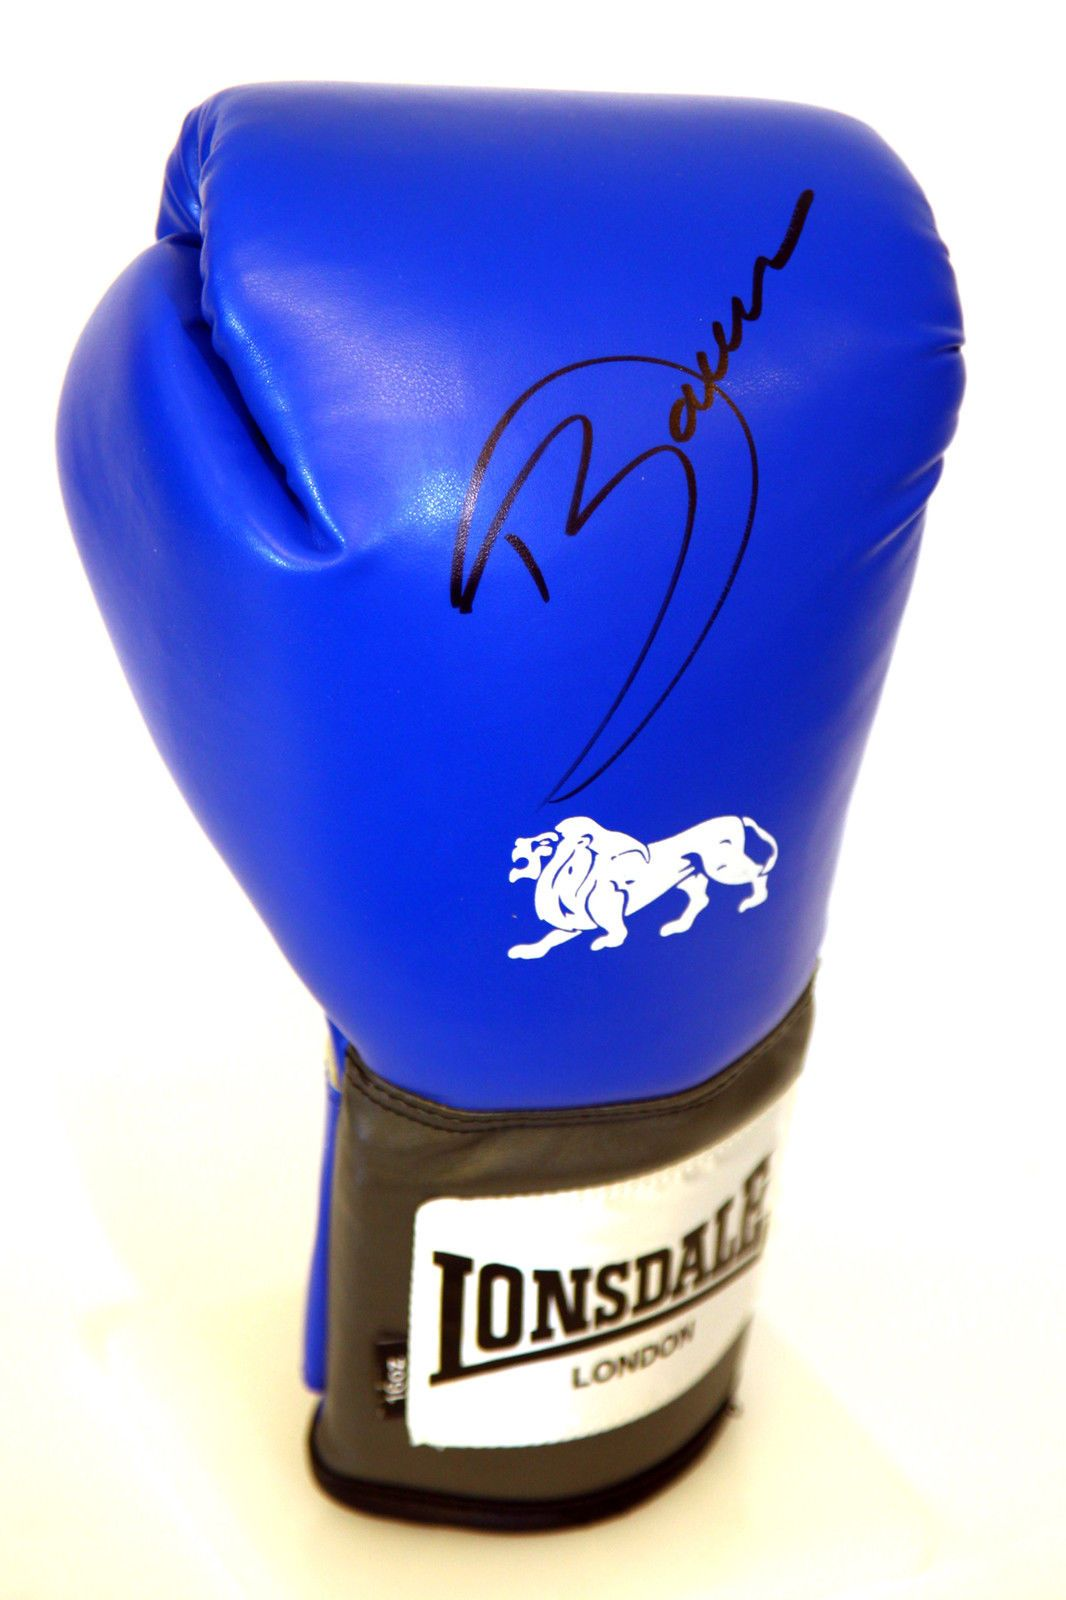 Darren Barker Hand Signed Blue Portrait Lonsdale Boxing Glove. Black Pen